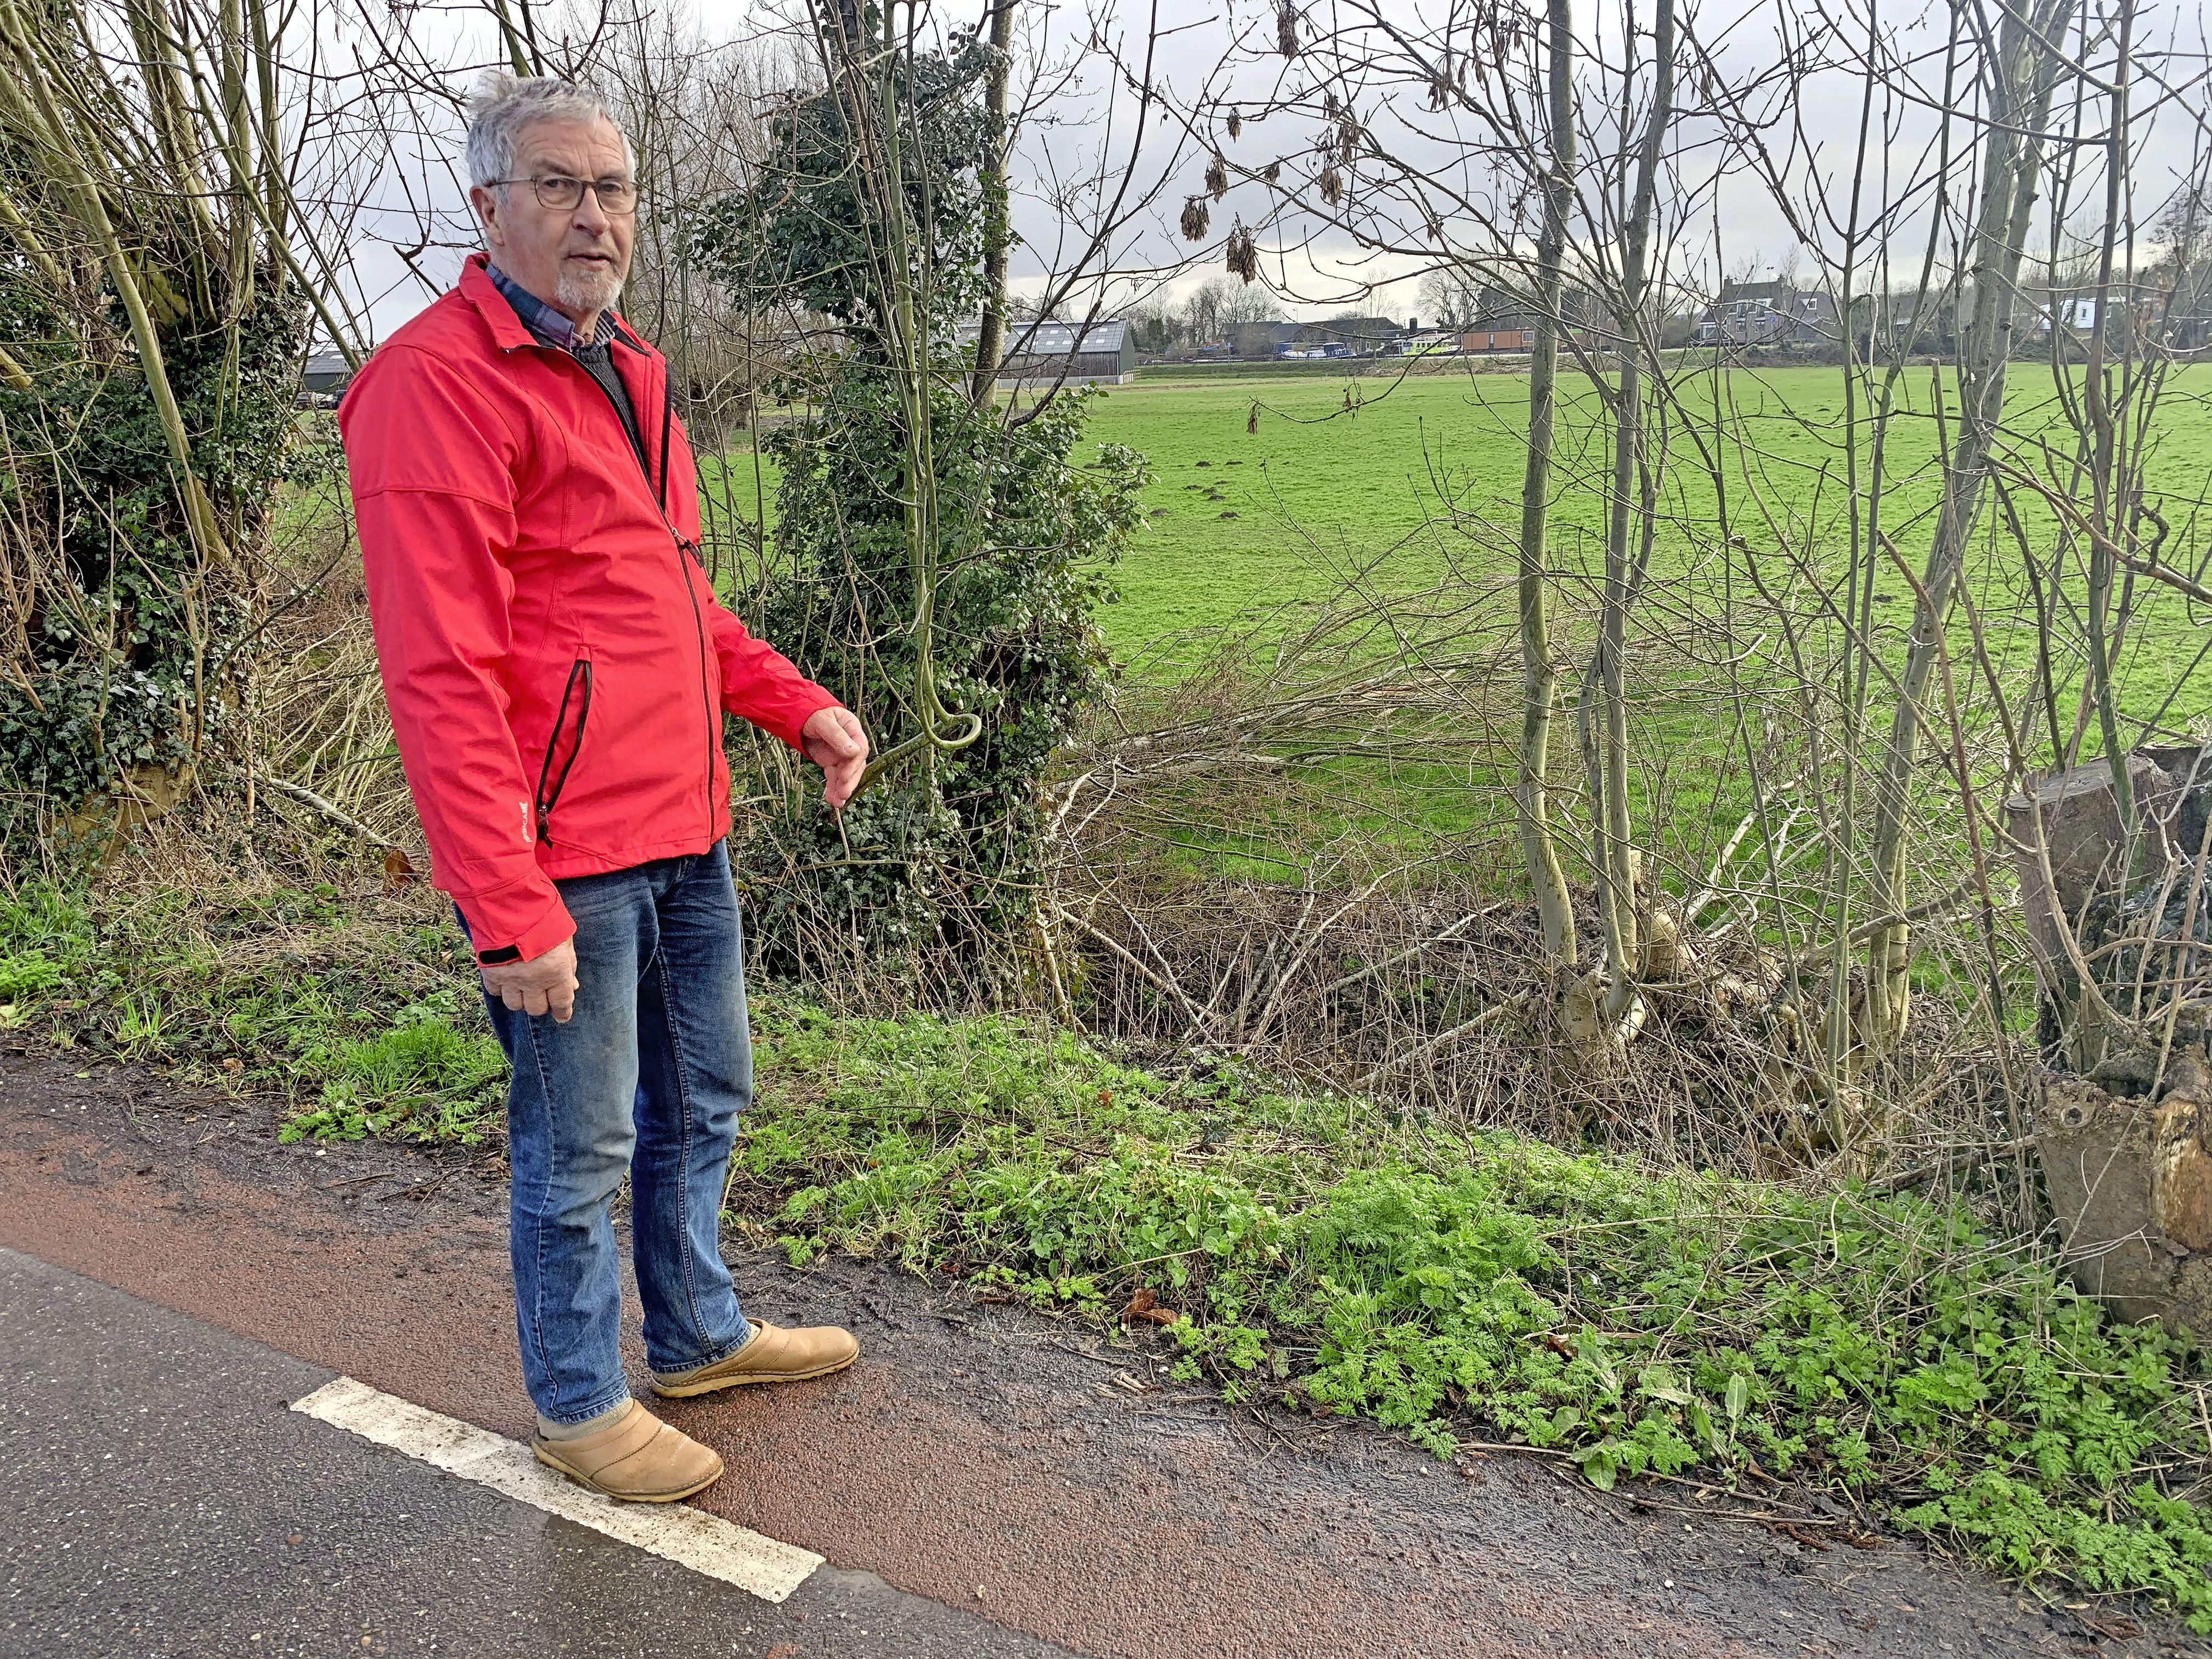 Vechtdijk maakt zijn naam waar. Veehouder uit Nederhorst en Waterschap AGV al tijden in de clinch: Is er op de dijk genoeg plek voor planten en dieren?